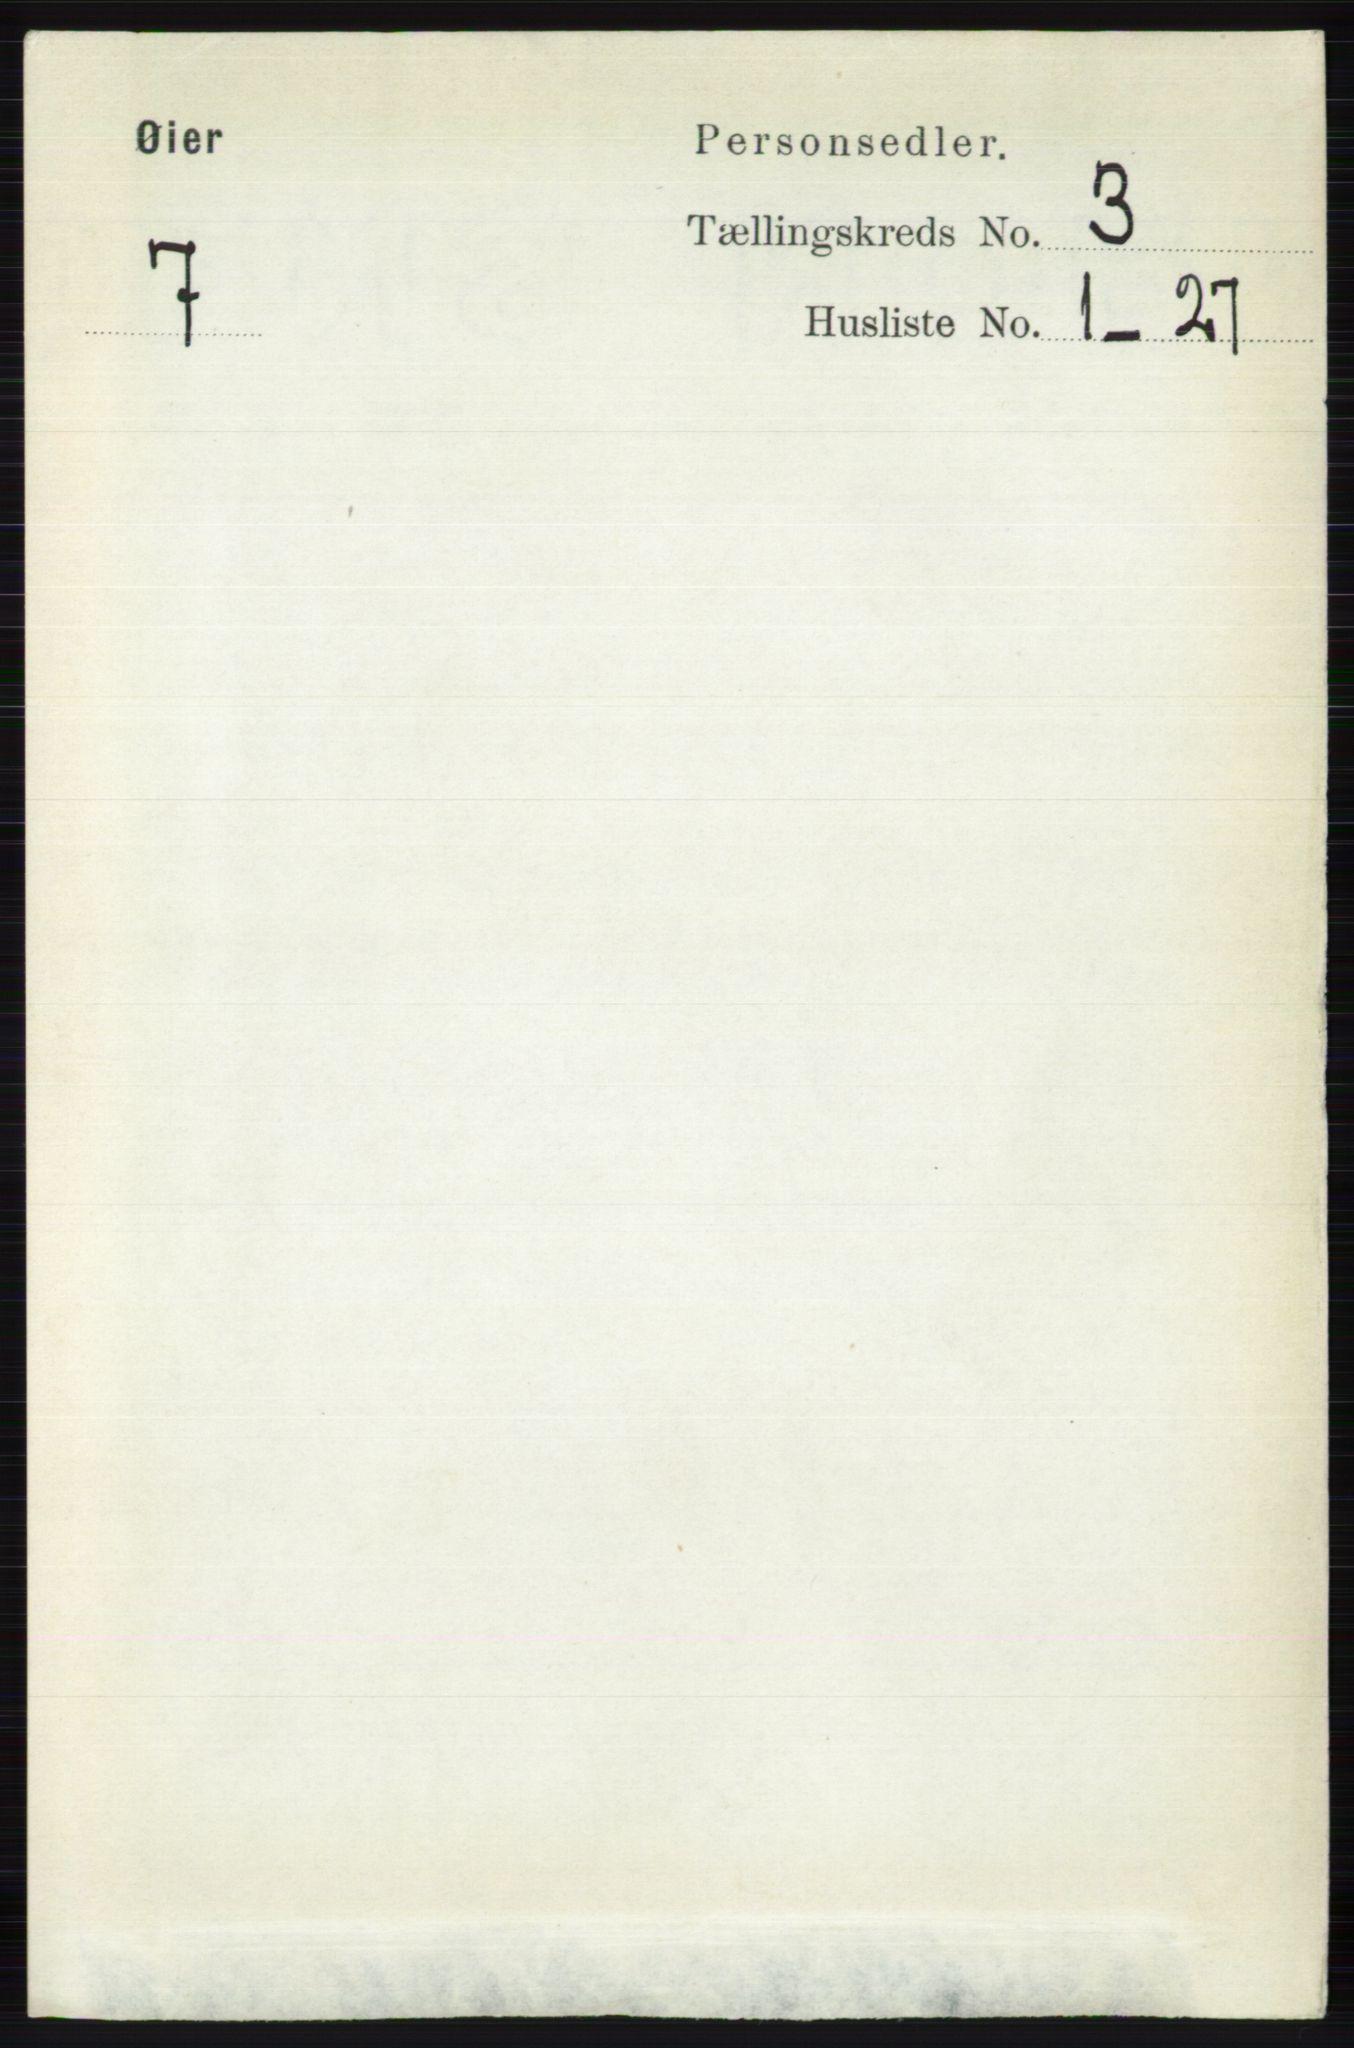 RA, Folketelling 1891 for 0521 Øyer herred, 1891, s. 717